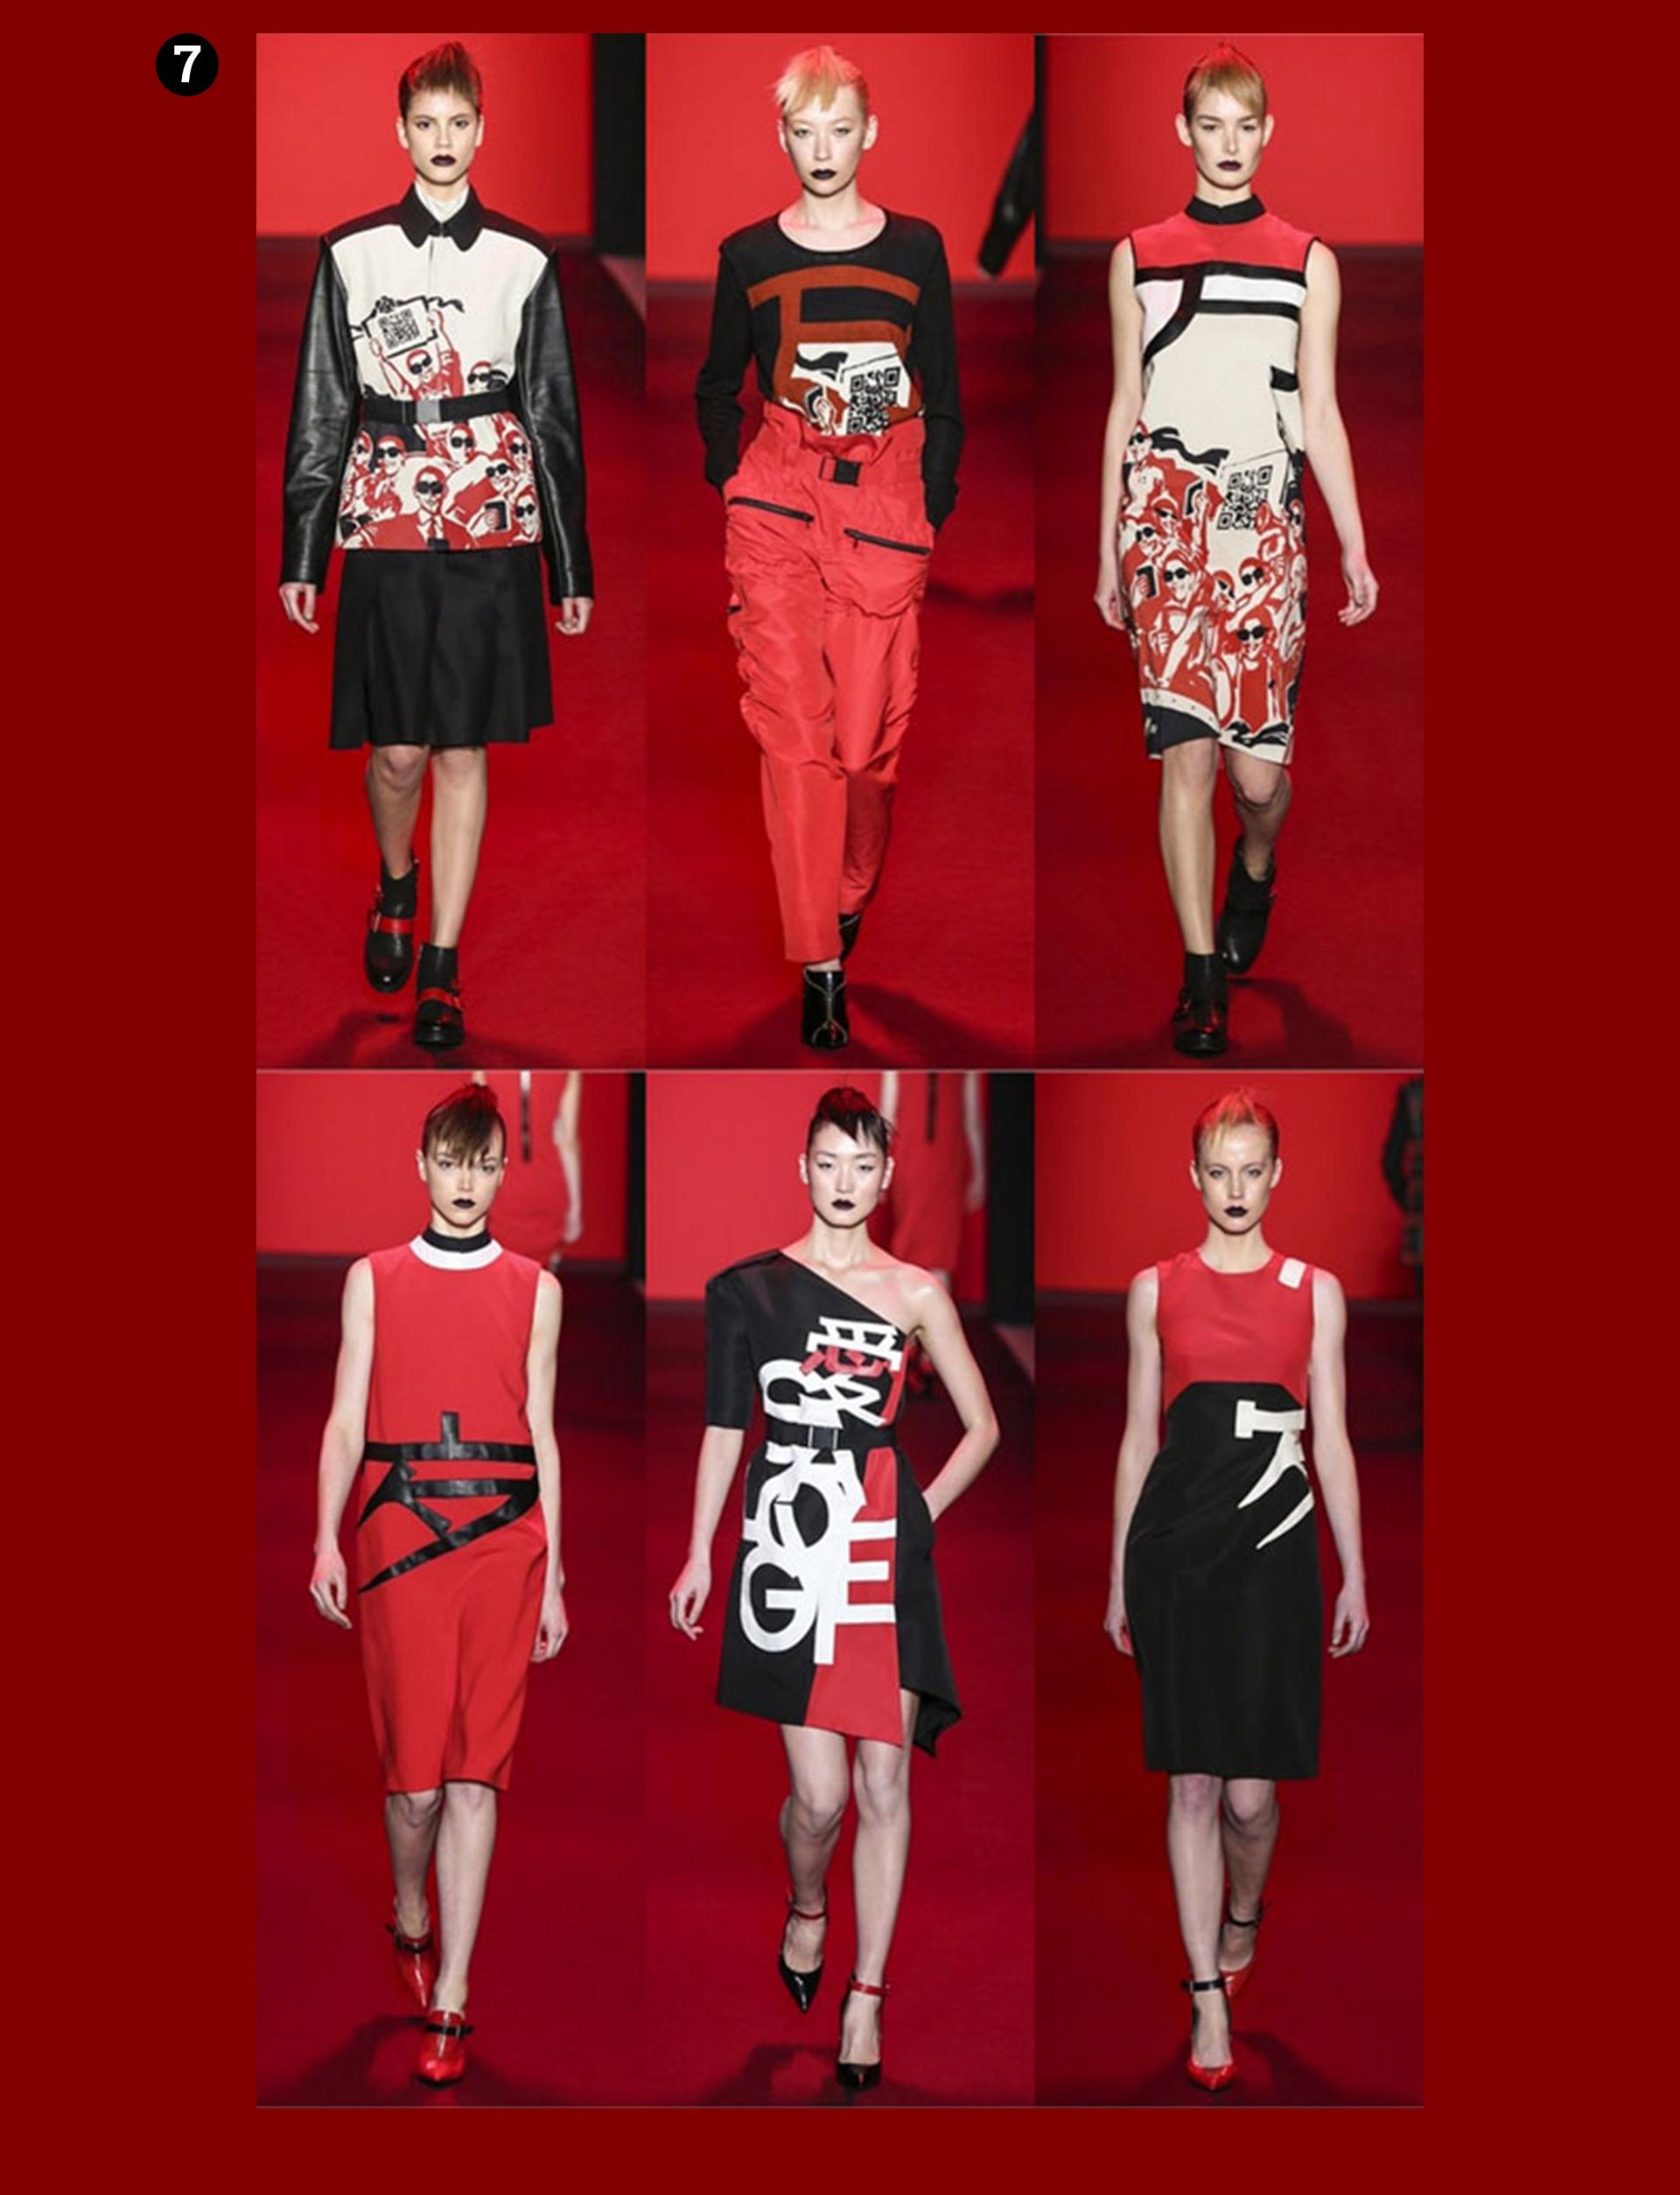 Obraz przedstawia fotografie modelek na wybiegu podczas pokazu mody. Całość na bordowym tle.